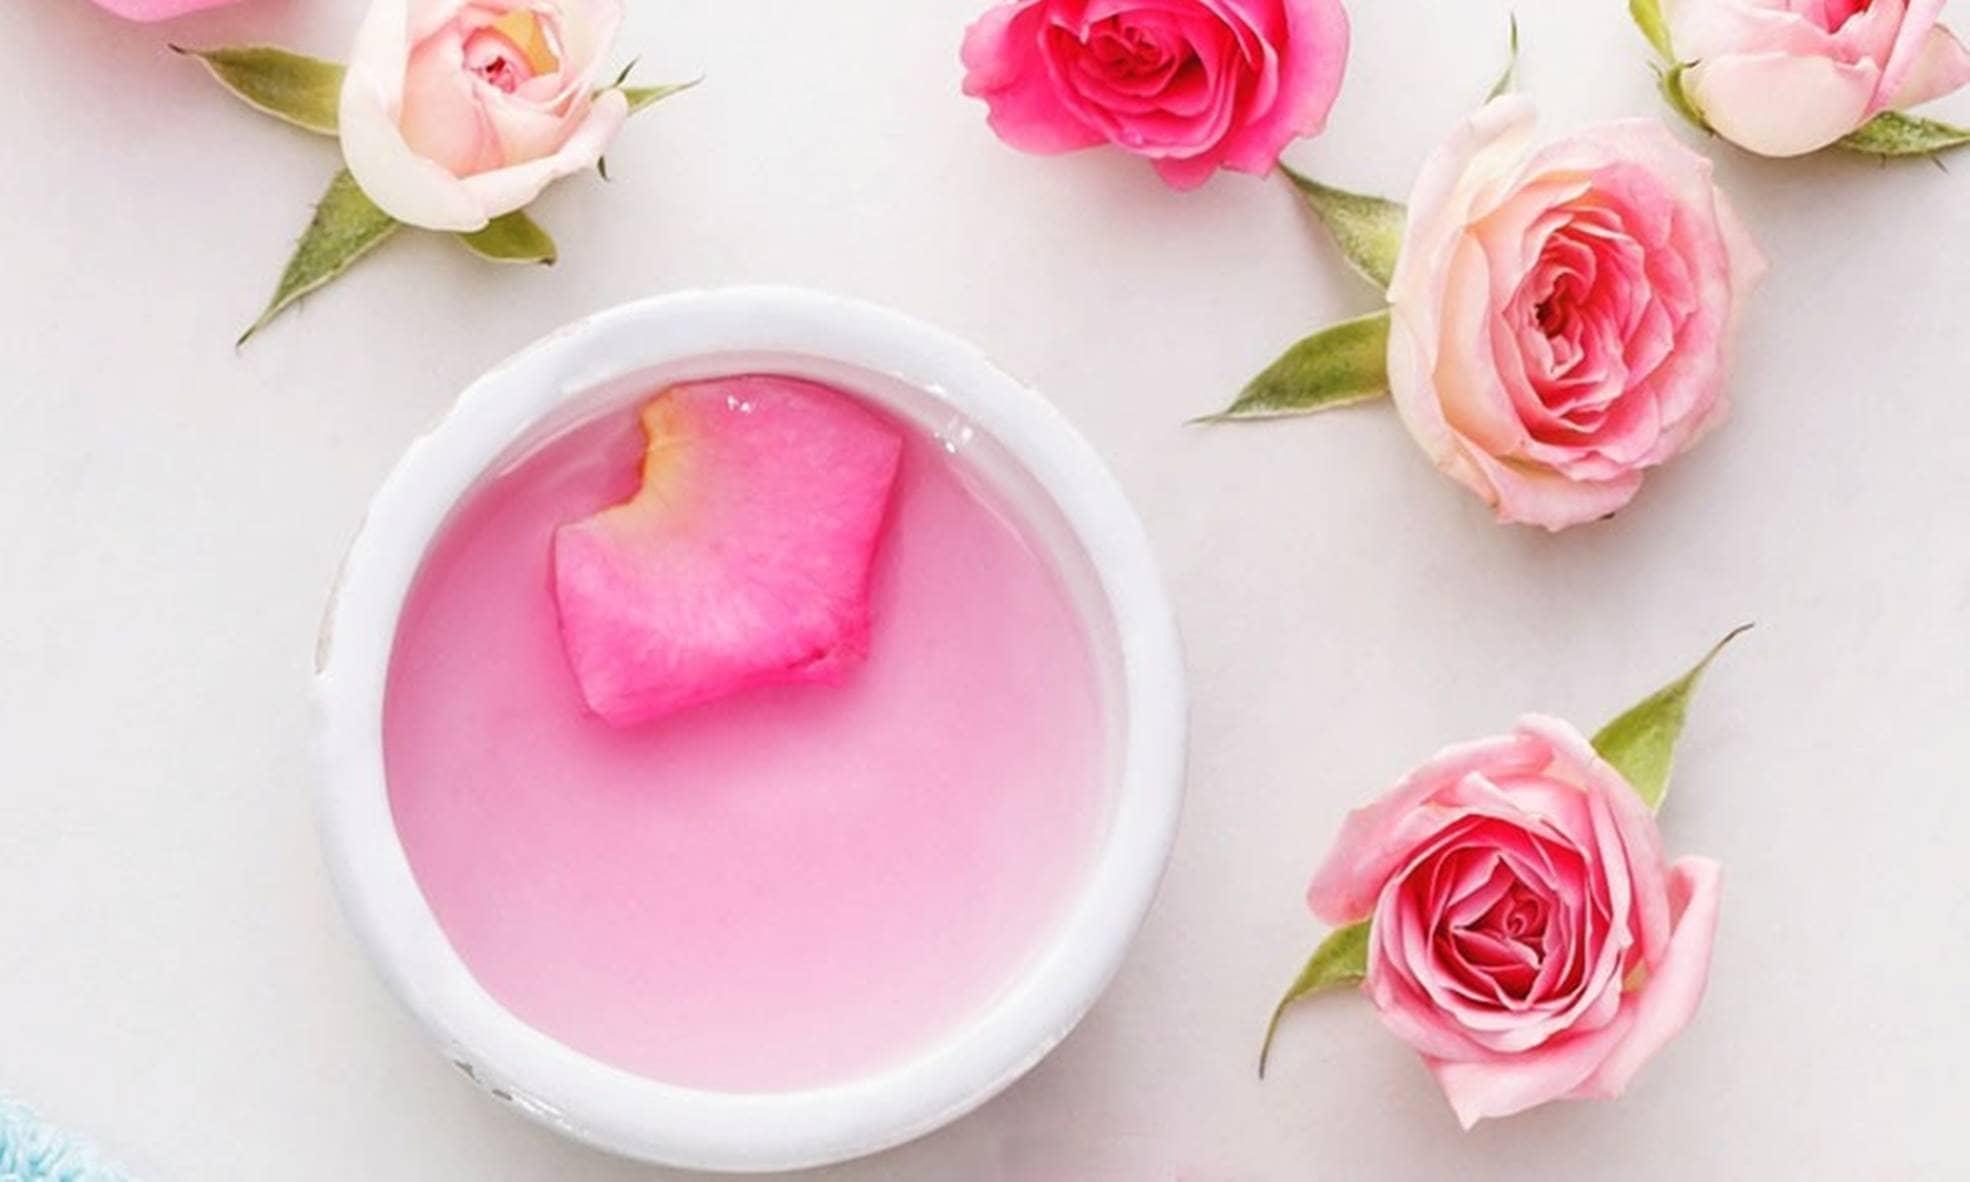 Faça sua água da rosas em casa e aproveite os benefícios para pele e cabelo